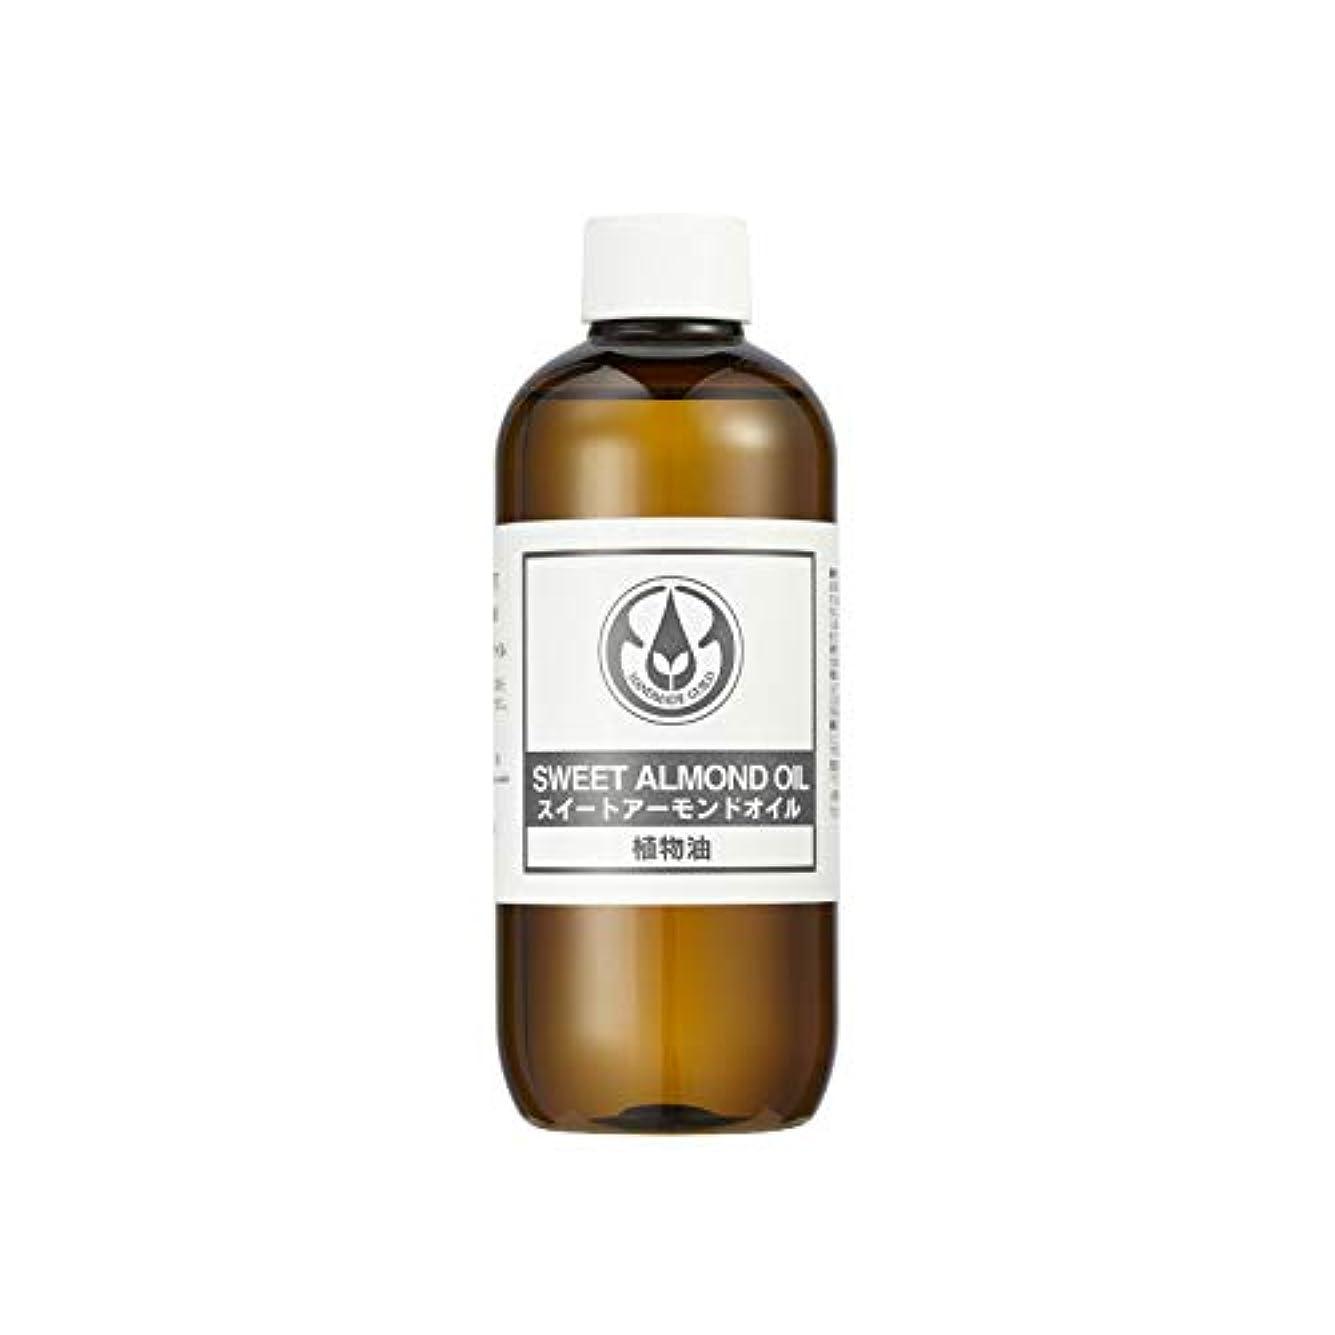 カリングディーラー処分した生活の木 スイート アーモンド油 250ml 2本